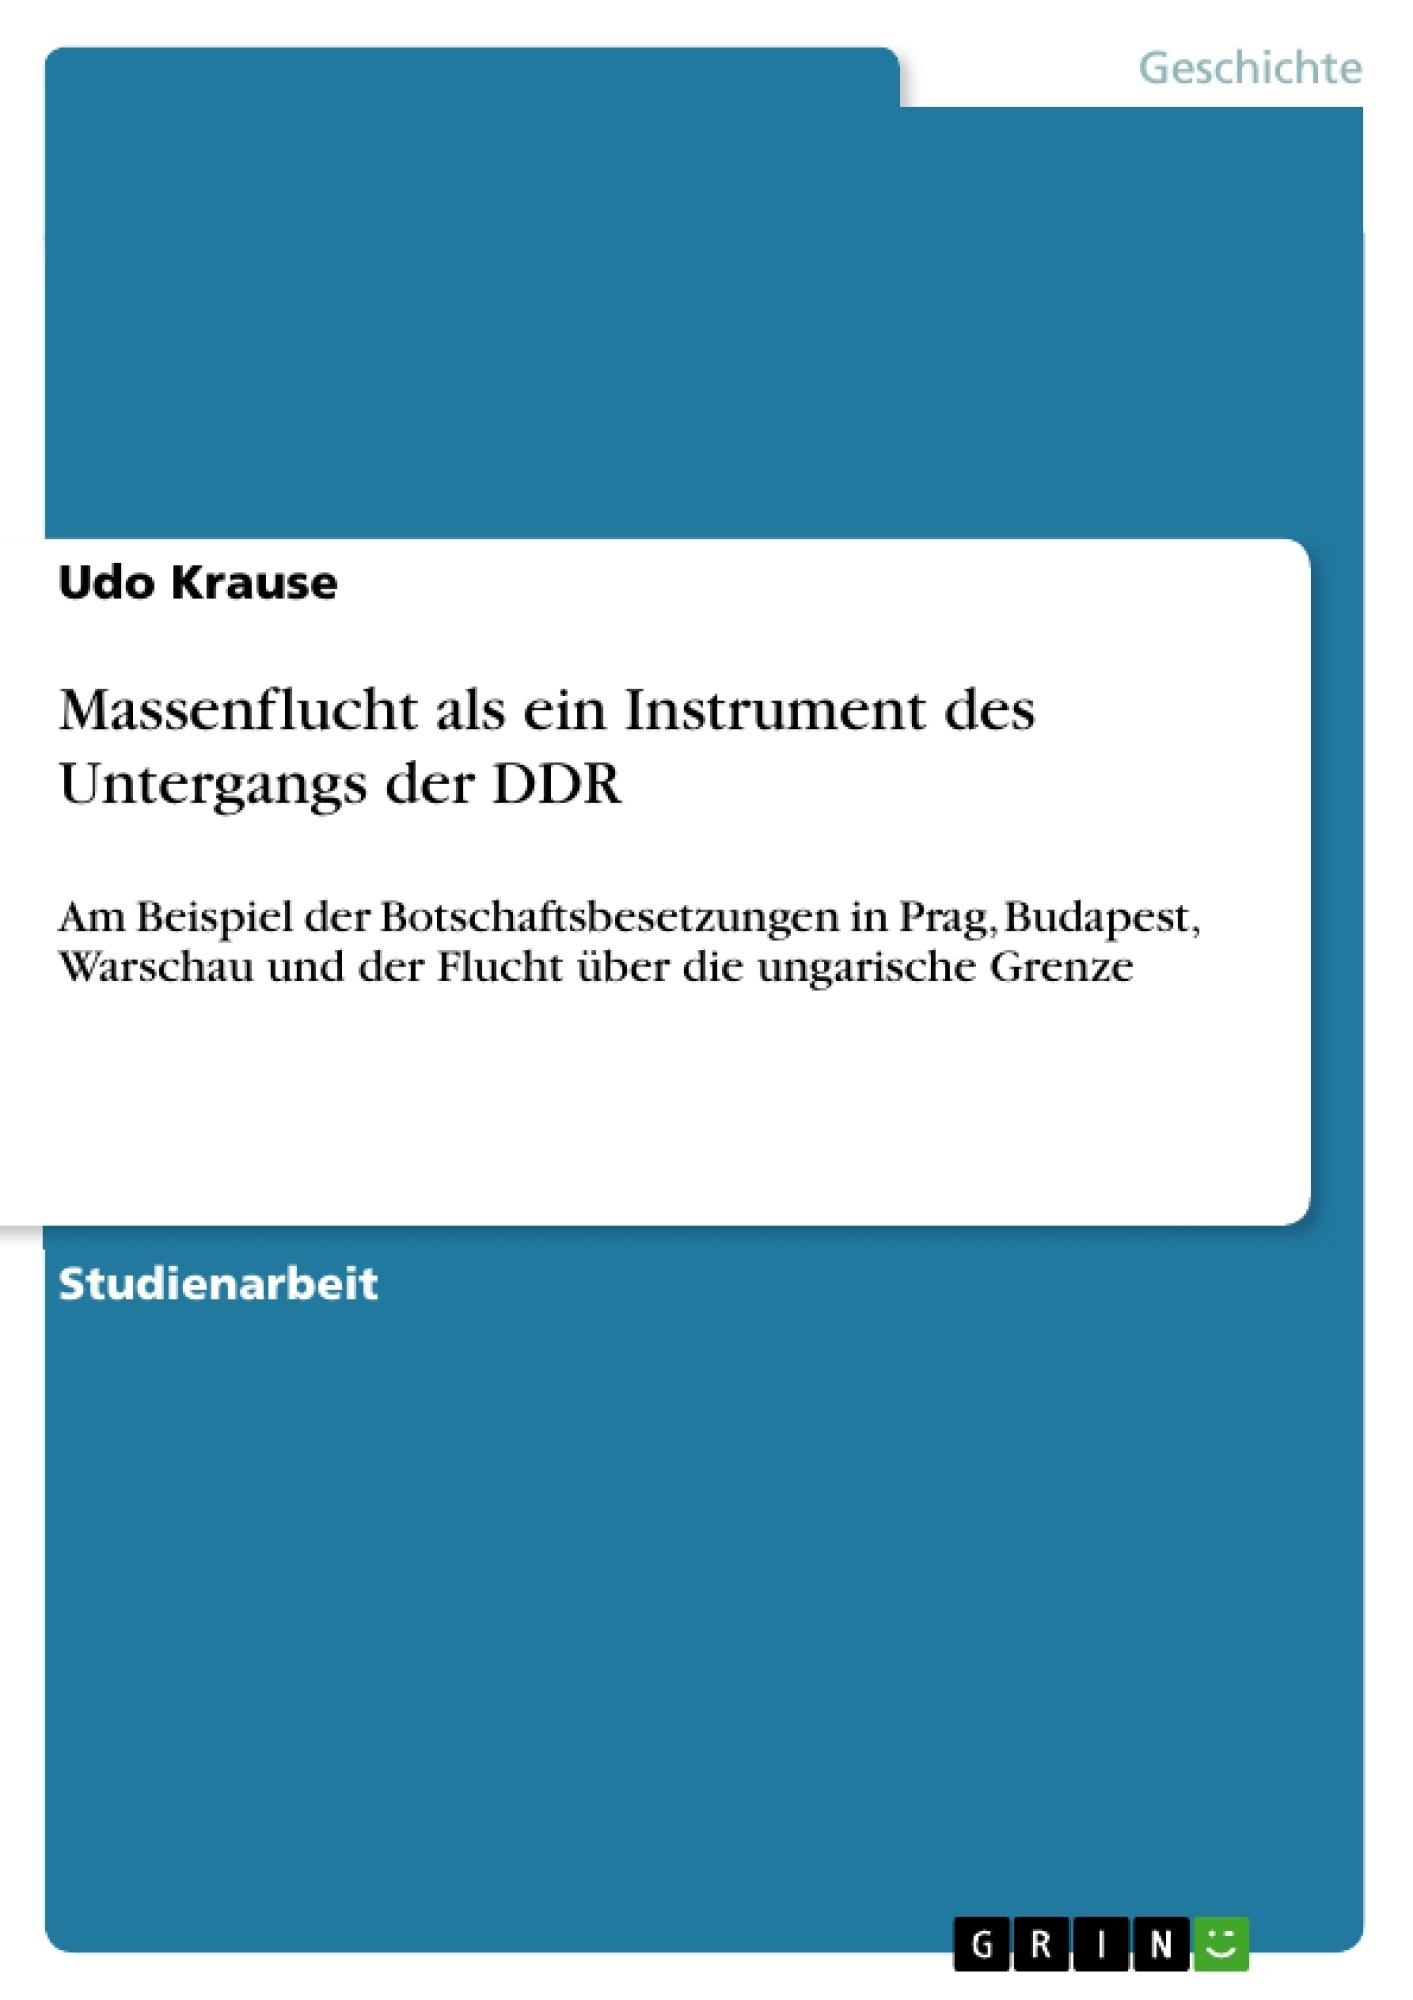 Titel: Massenflucht als ein Instrument des Untergangs der DDR